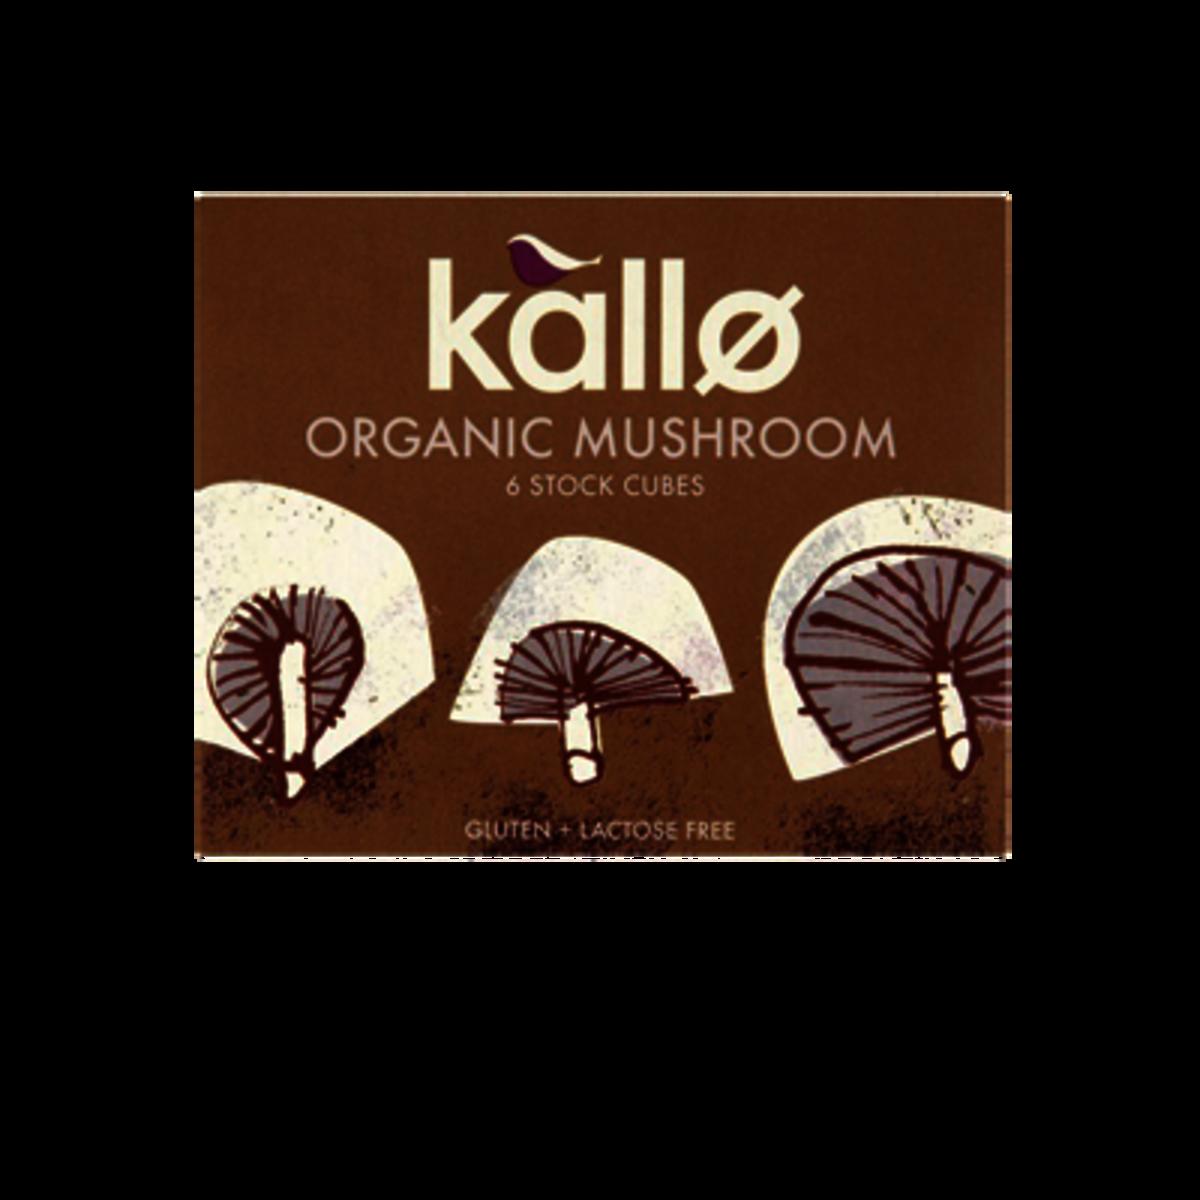 有機蘑菇調味粉粒